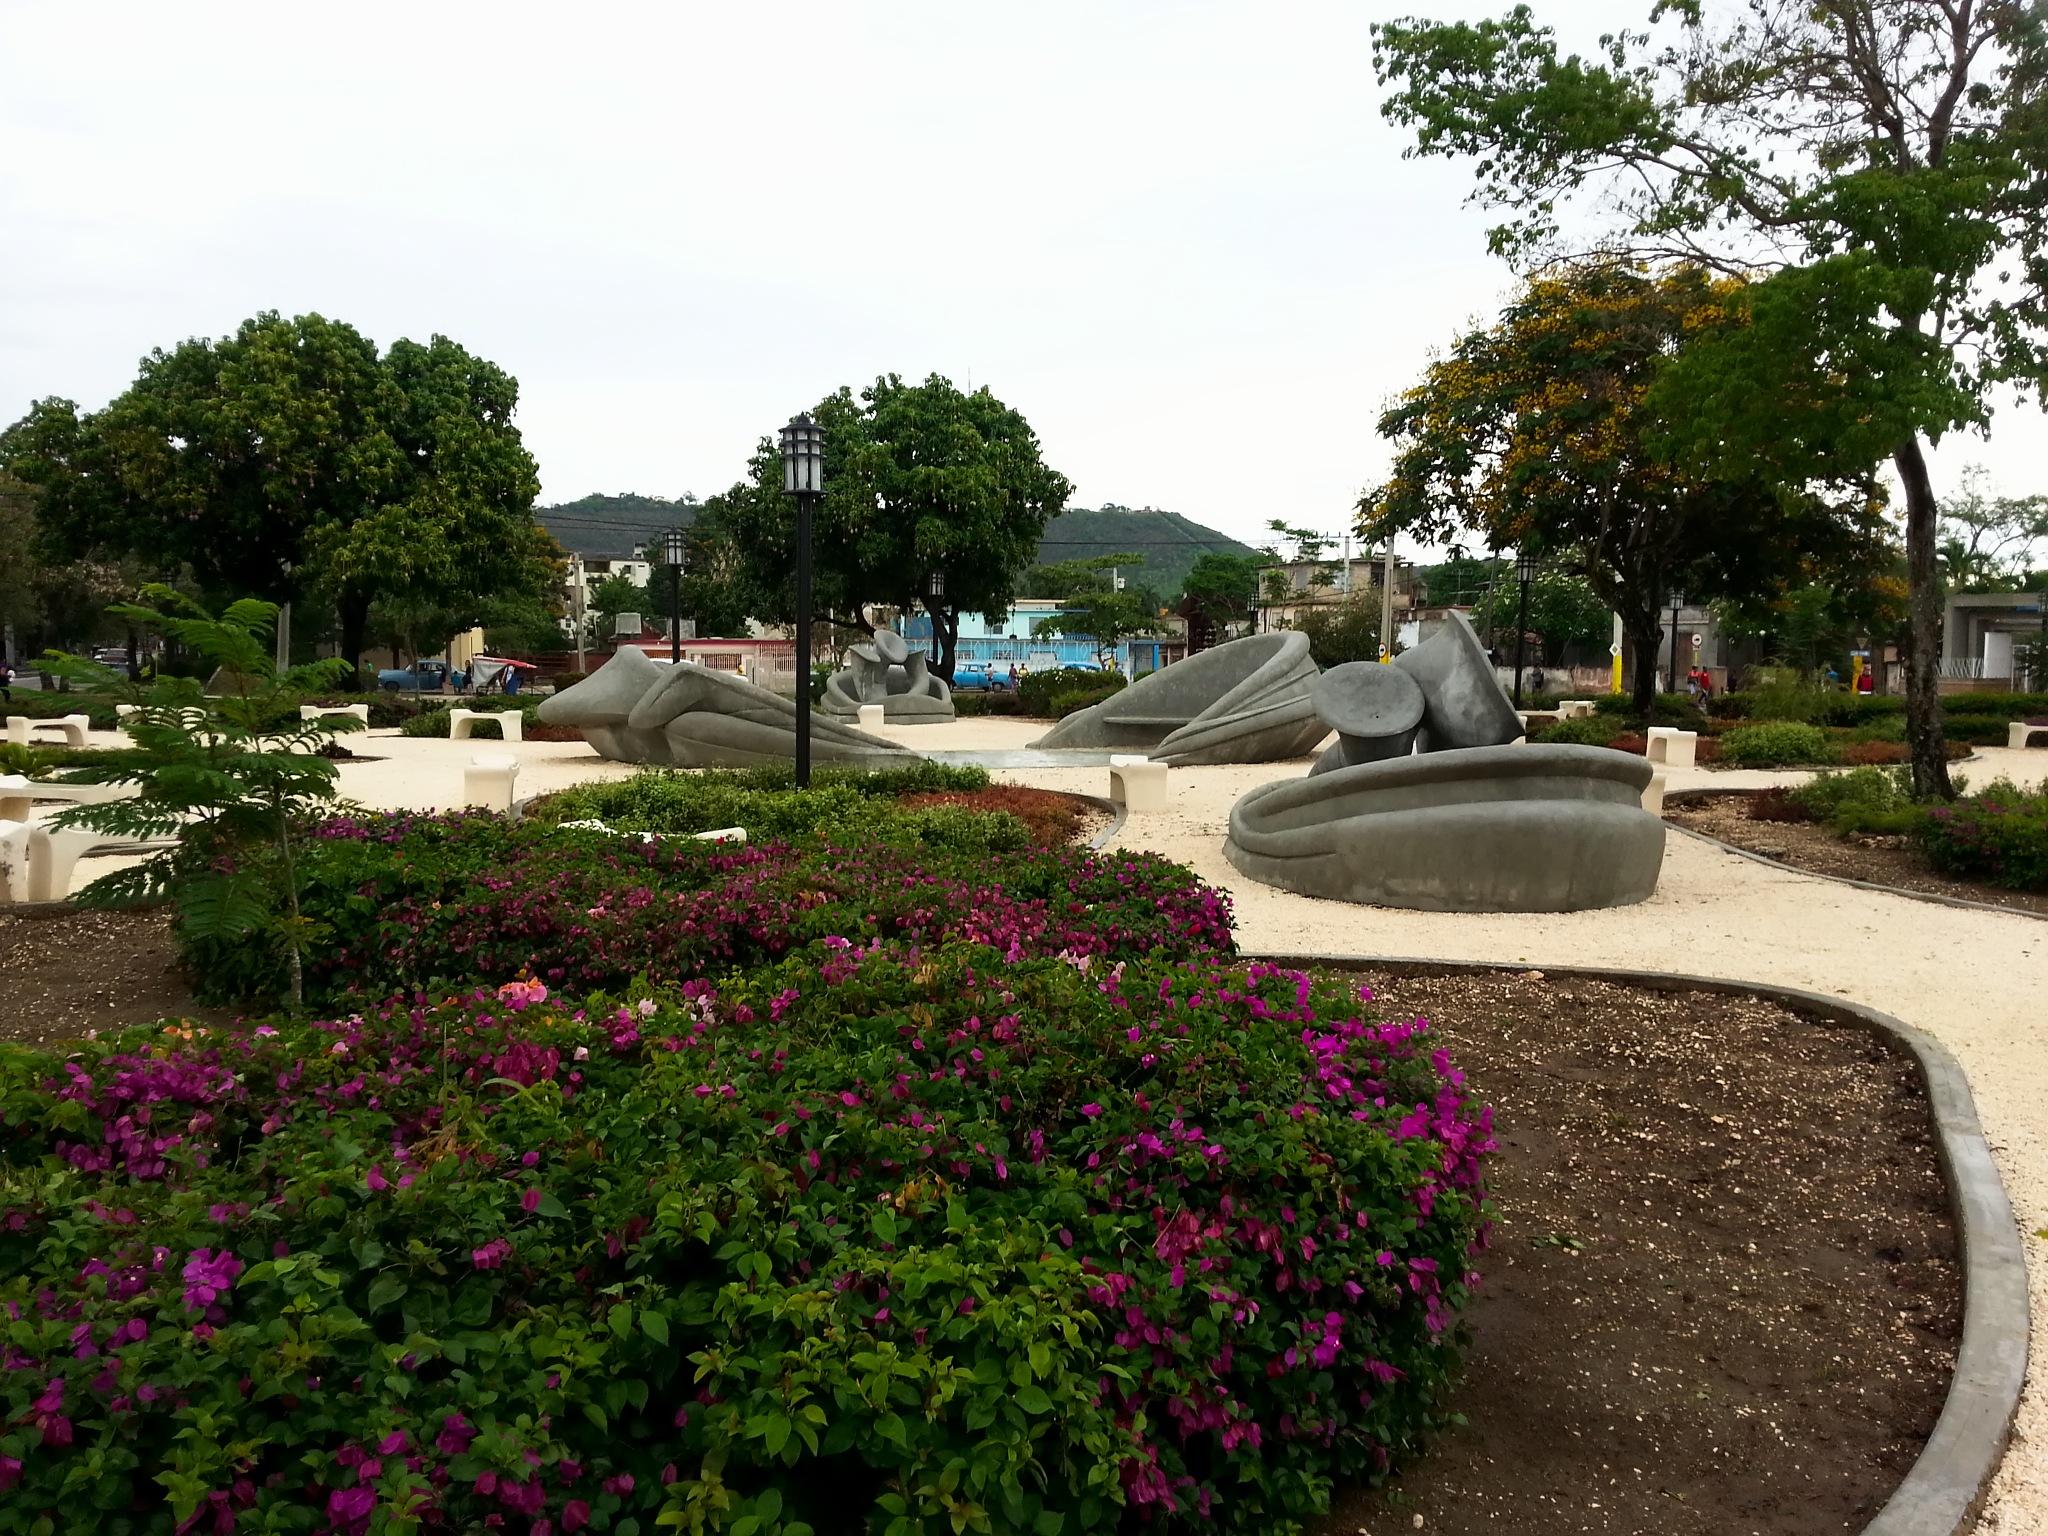 El Parque de los tiempos - Cosme Proenza by J.R.Galindo